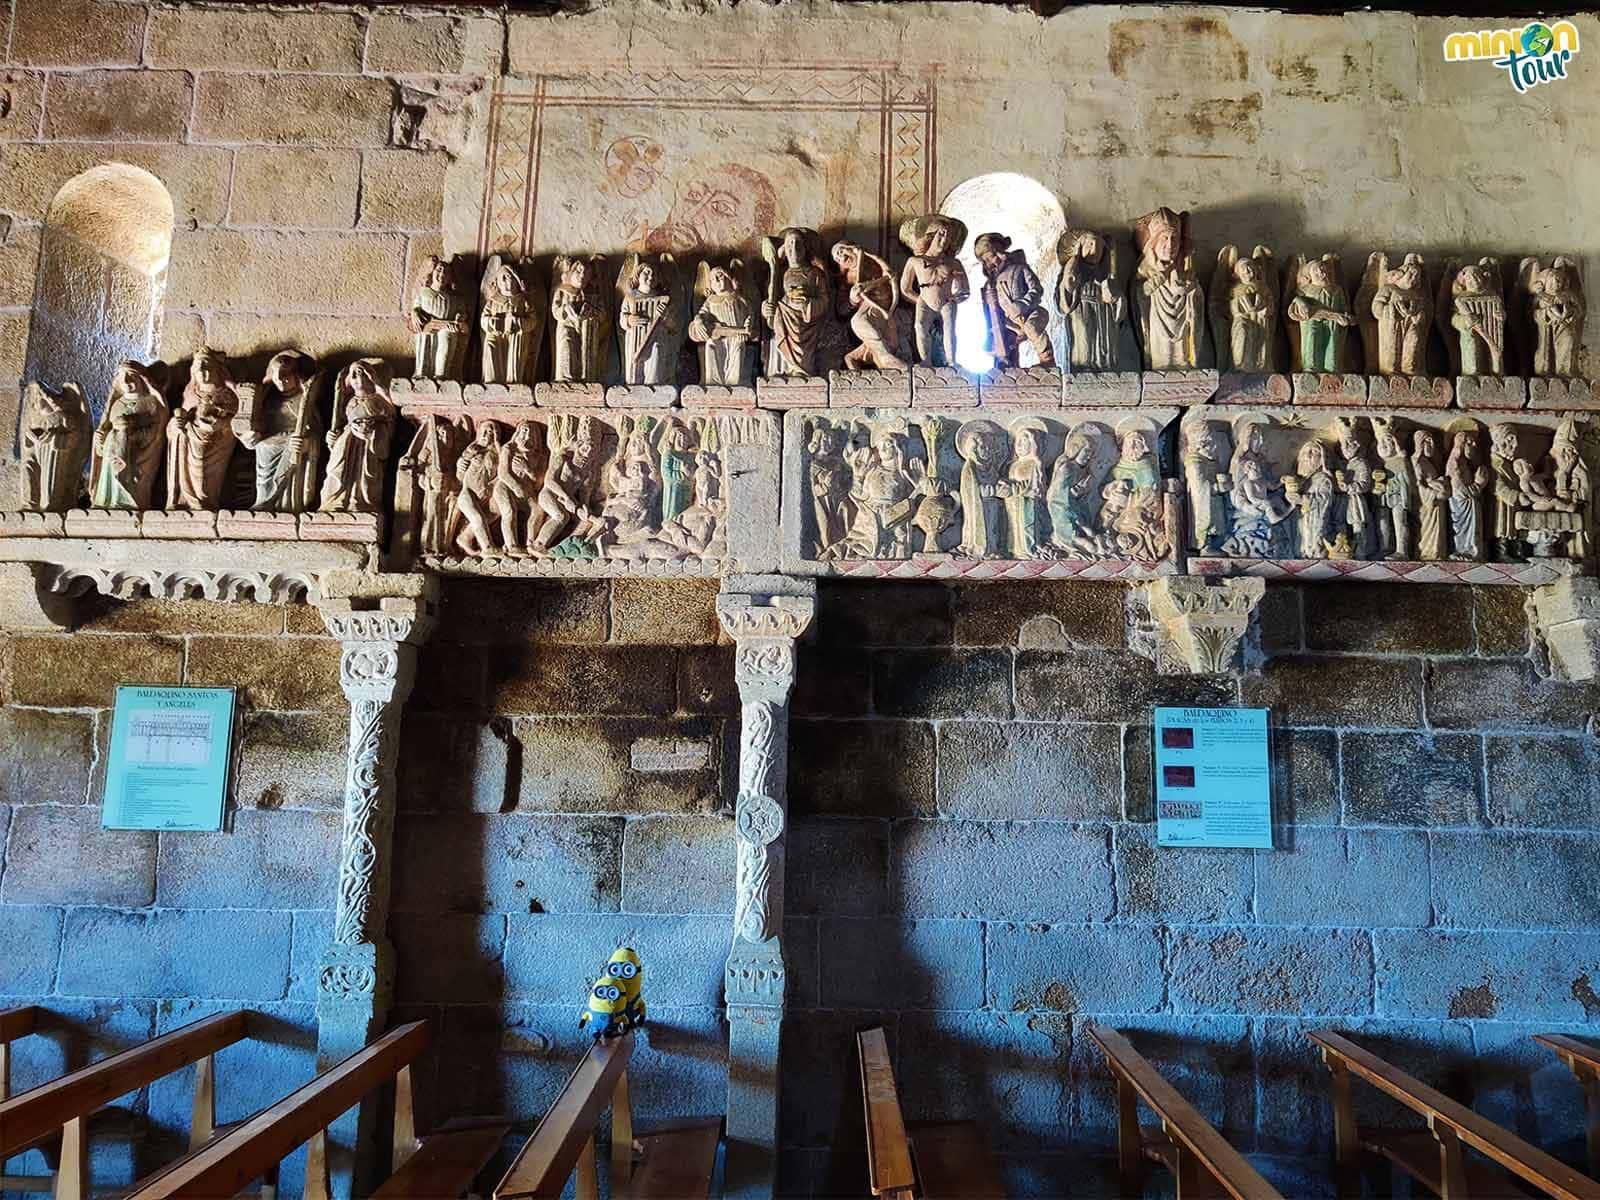 La Iglesia de Ventosa tiene hasta pinturas murales, no le falta de nada